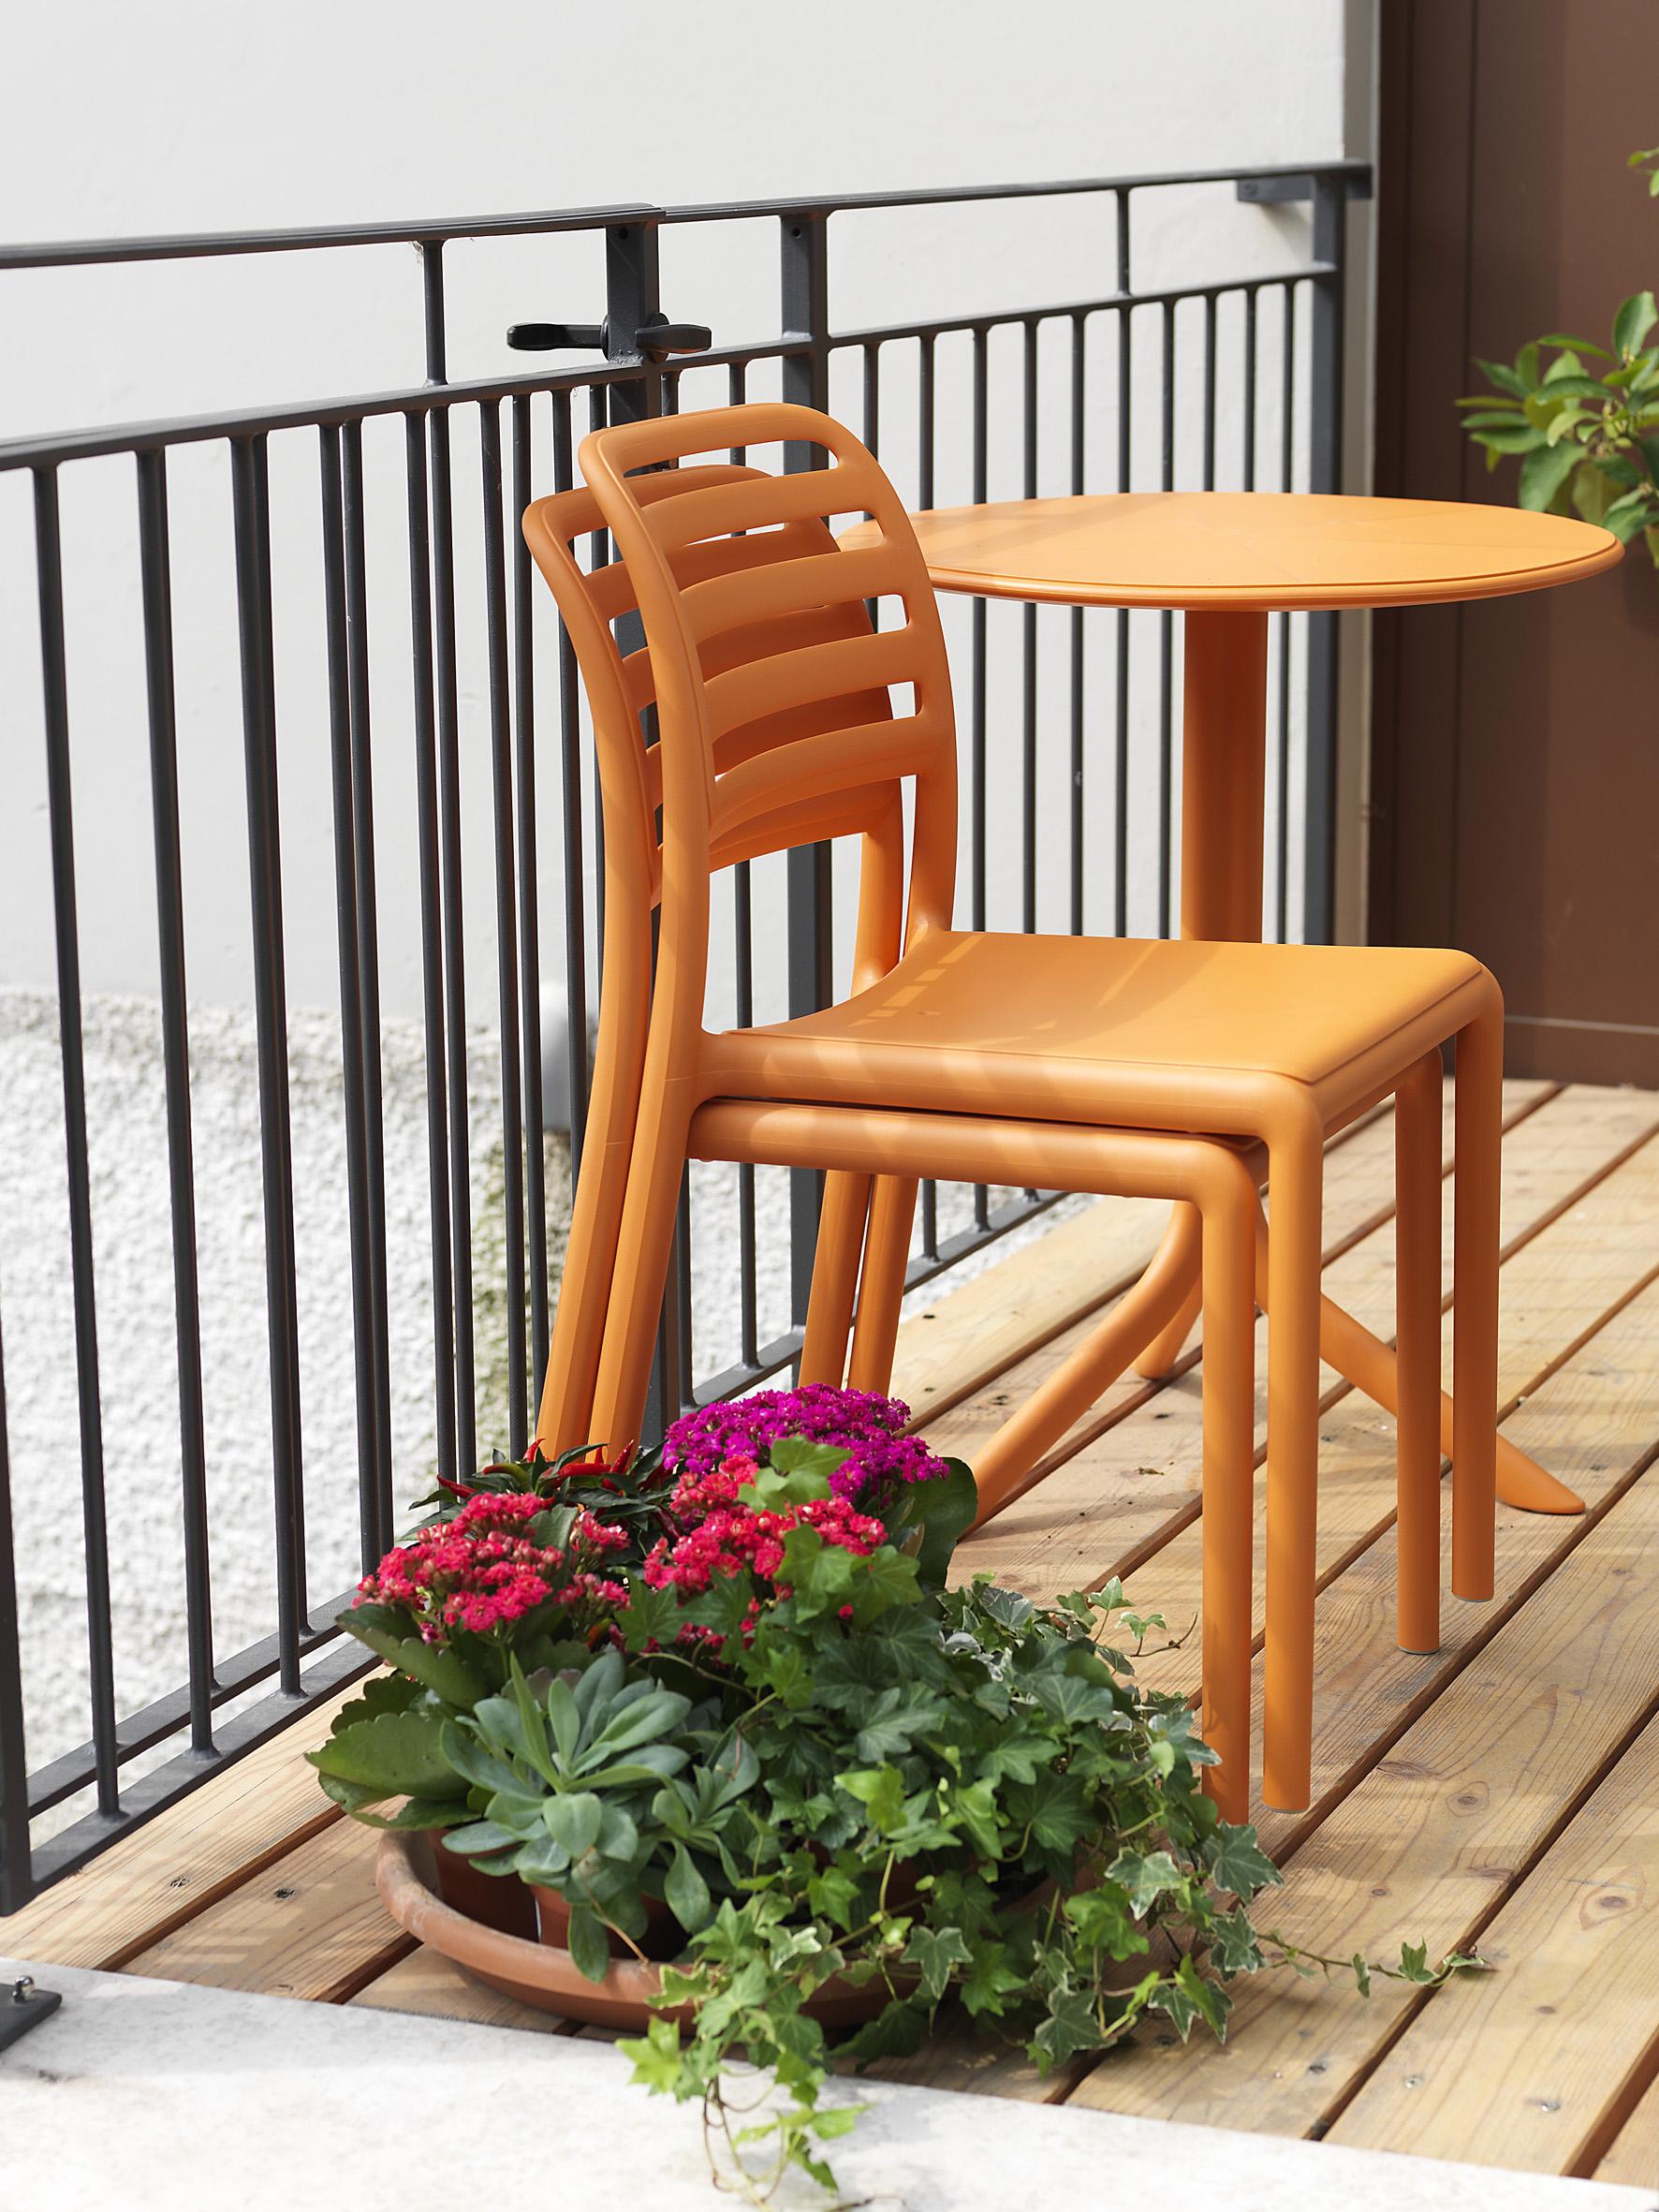 Stolik na balkon spritz nardi pomarańczowy